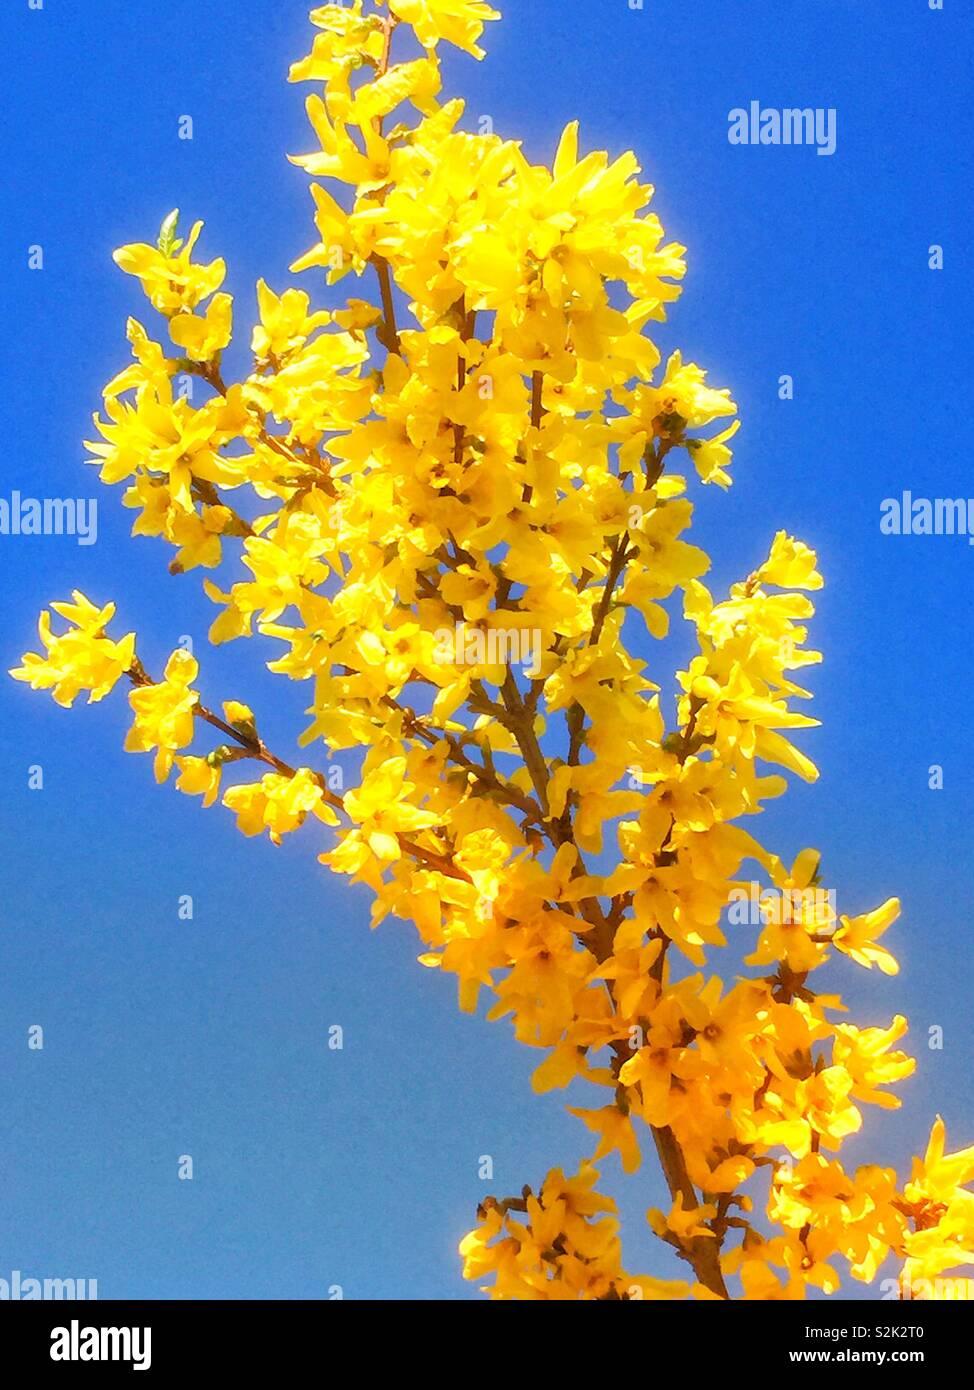 Pianta Fiori Gialli Primavera.Il Fiore Giallo Della Coltivazione Piante In Luce Del Sole Di